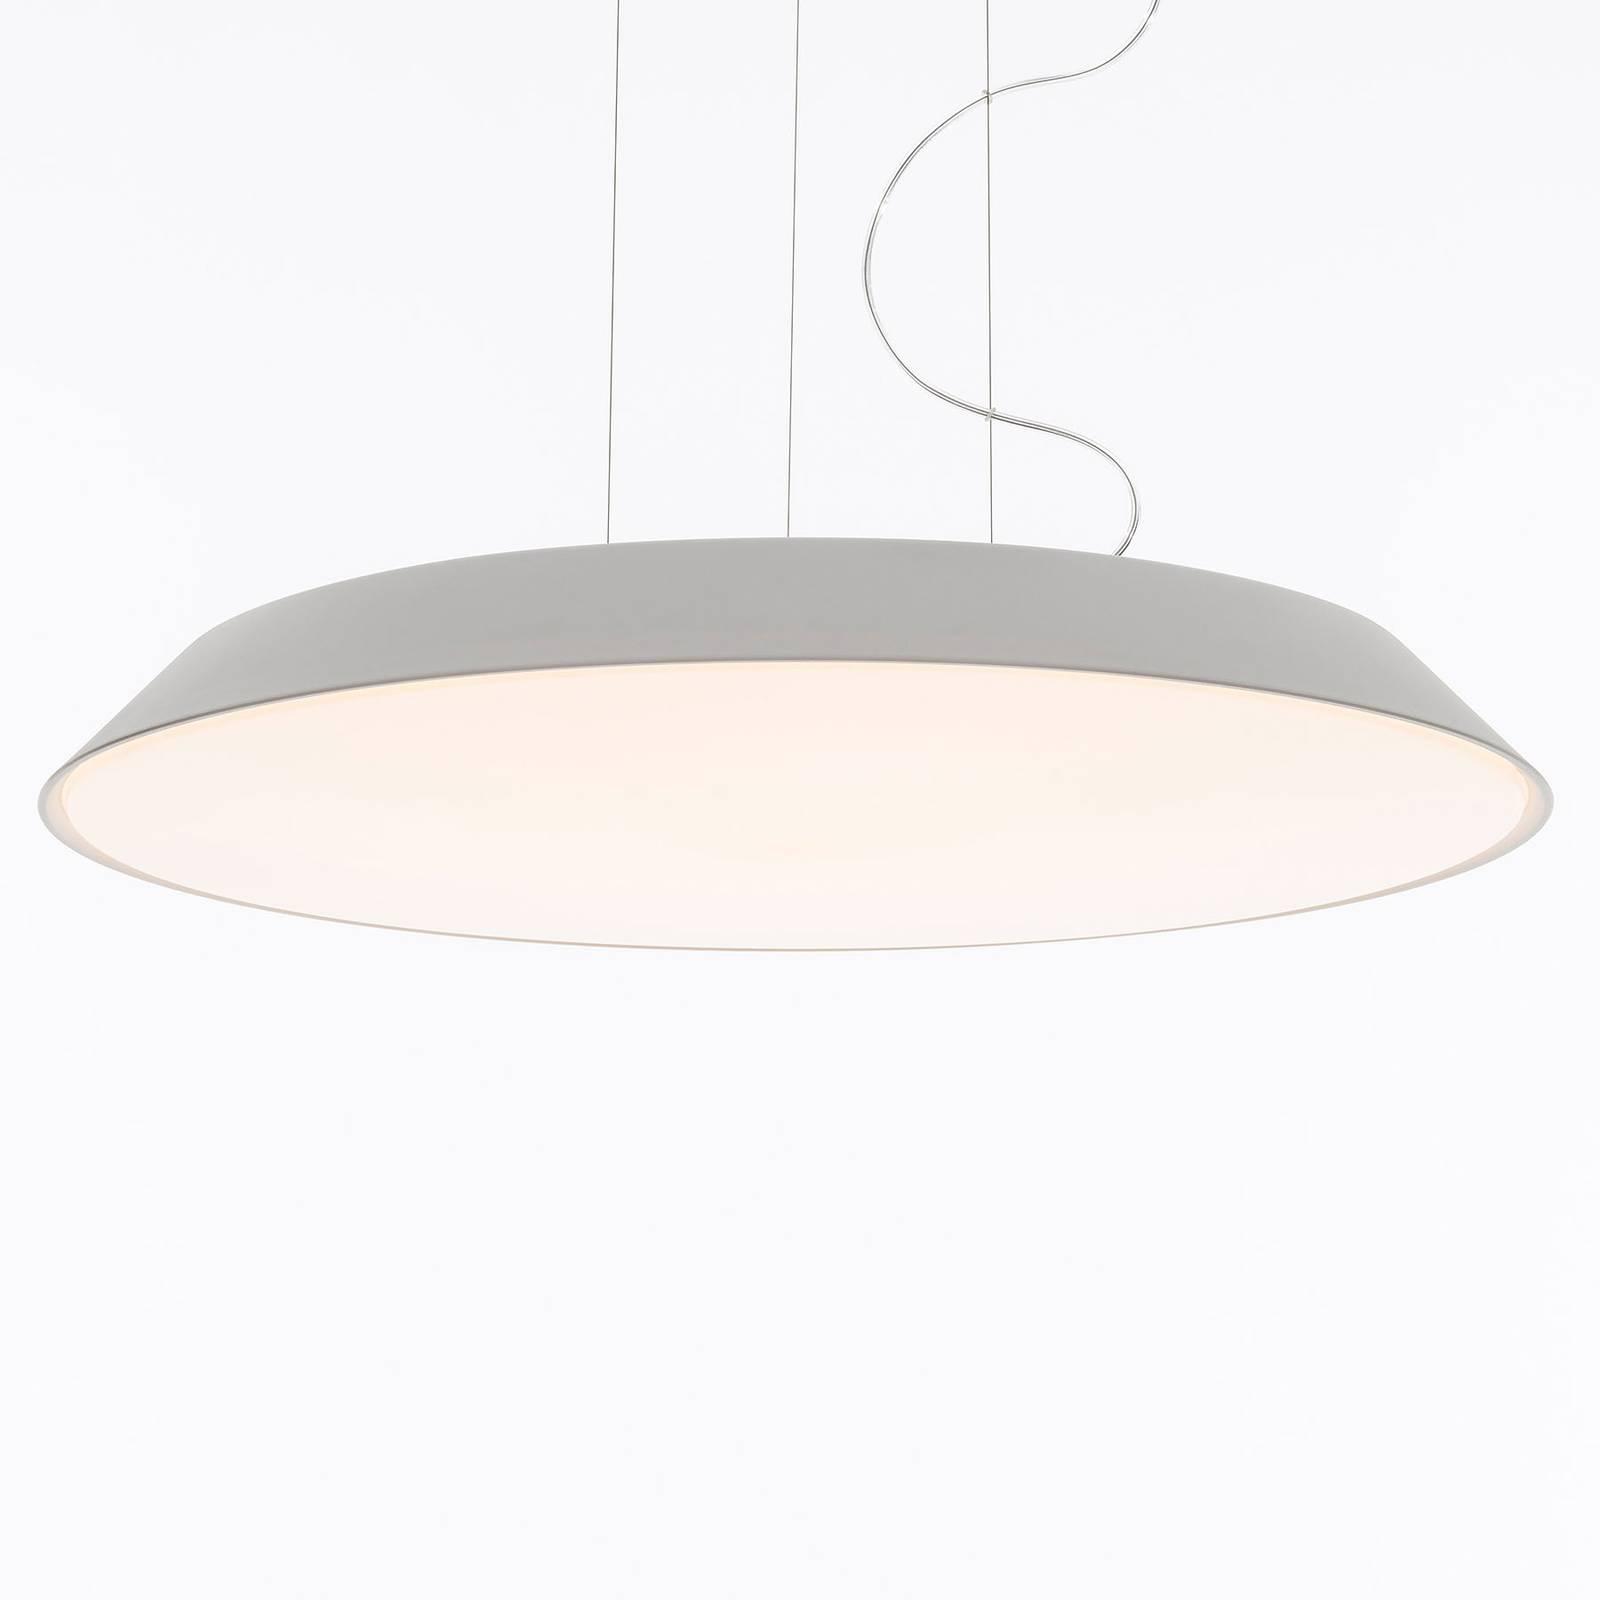 Artemide Febe LED-Hängeleuchte 2.700K weiß